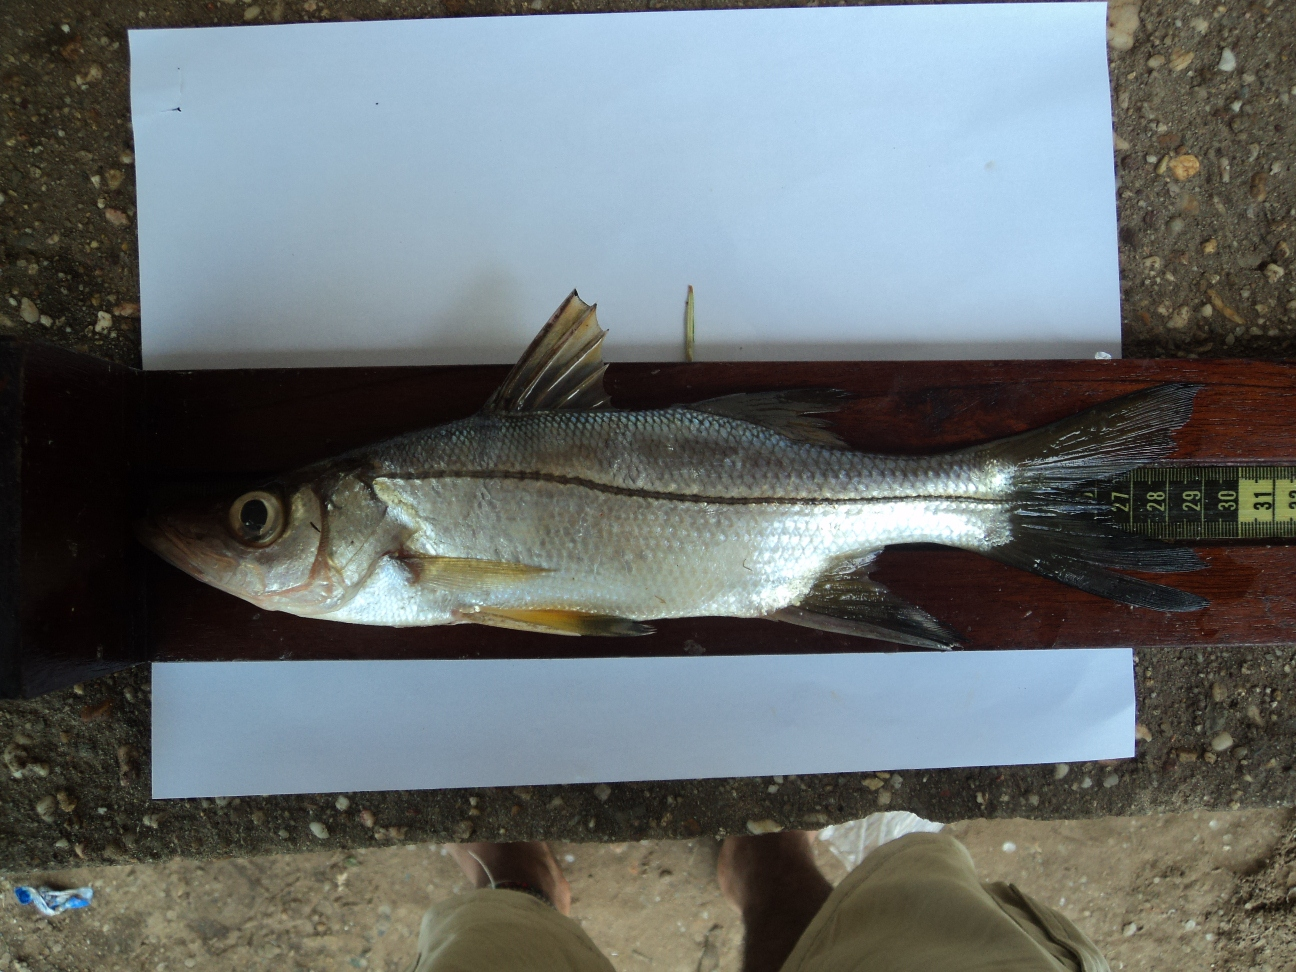 La Pesca del Róbalo (Centropomus sp.) por José Manuel López Pinto / Actualizado a 03 de Noviembre del 2013 1363913004_186.2.136.209